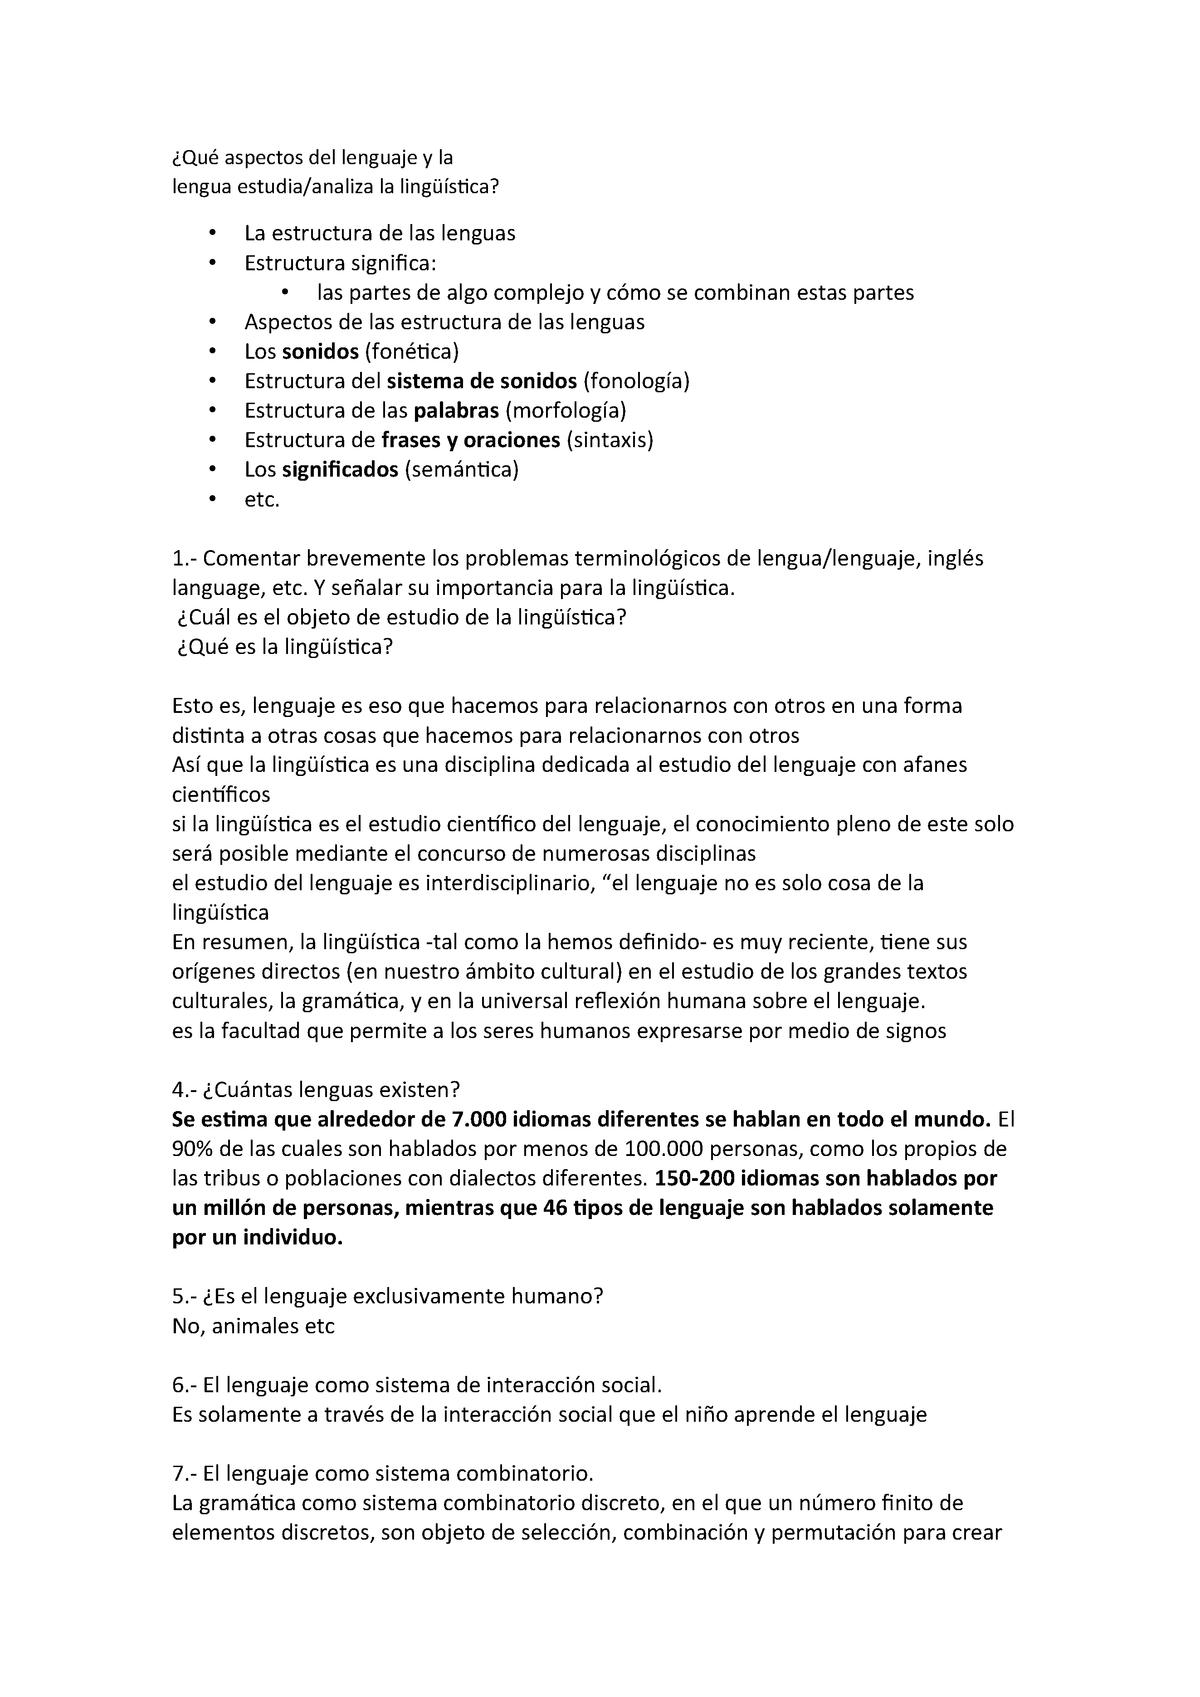 Guía De Estudio 1 Apuntes Todo Lingüística Ucm Studocu